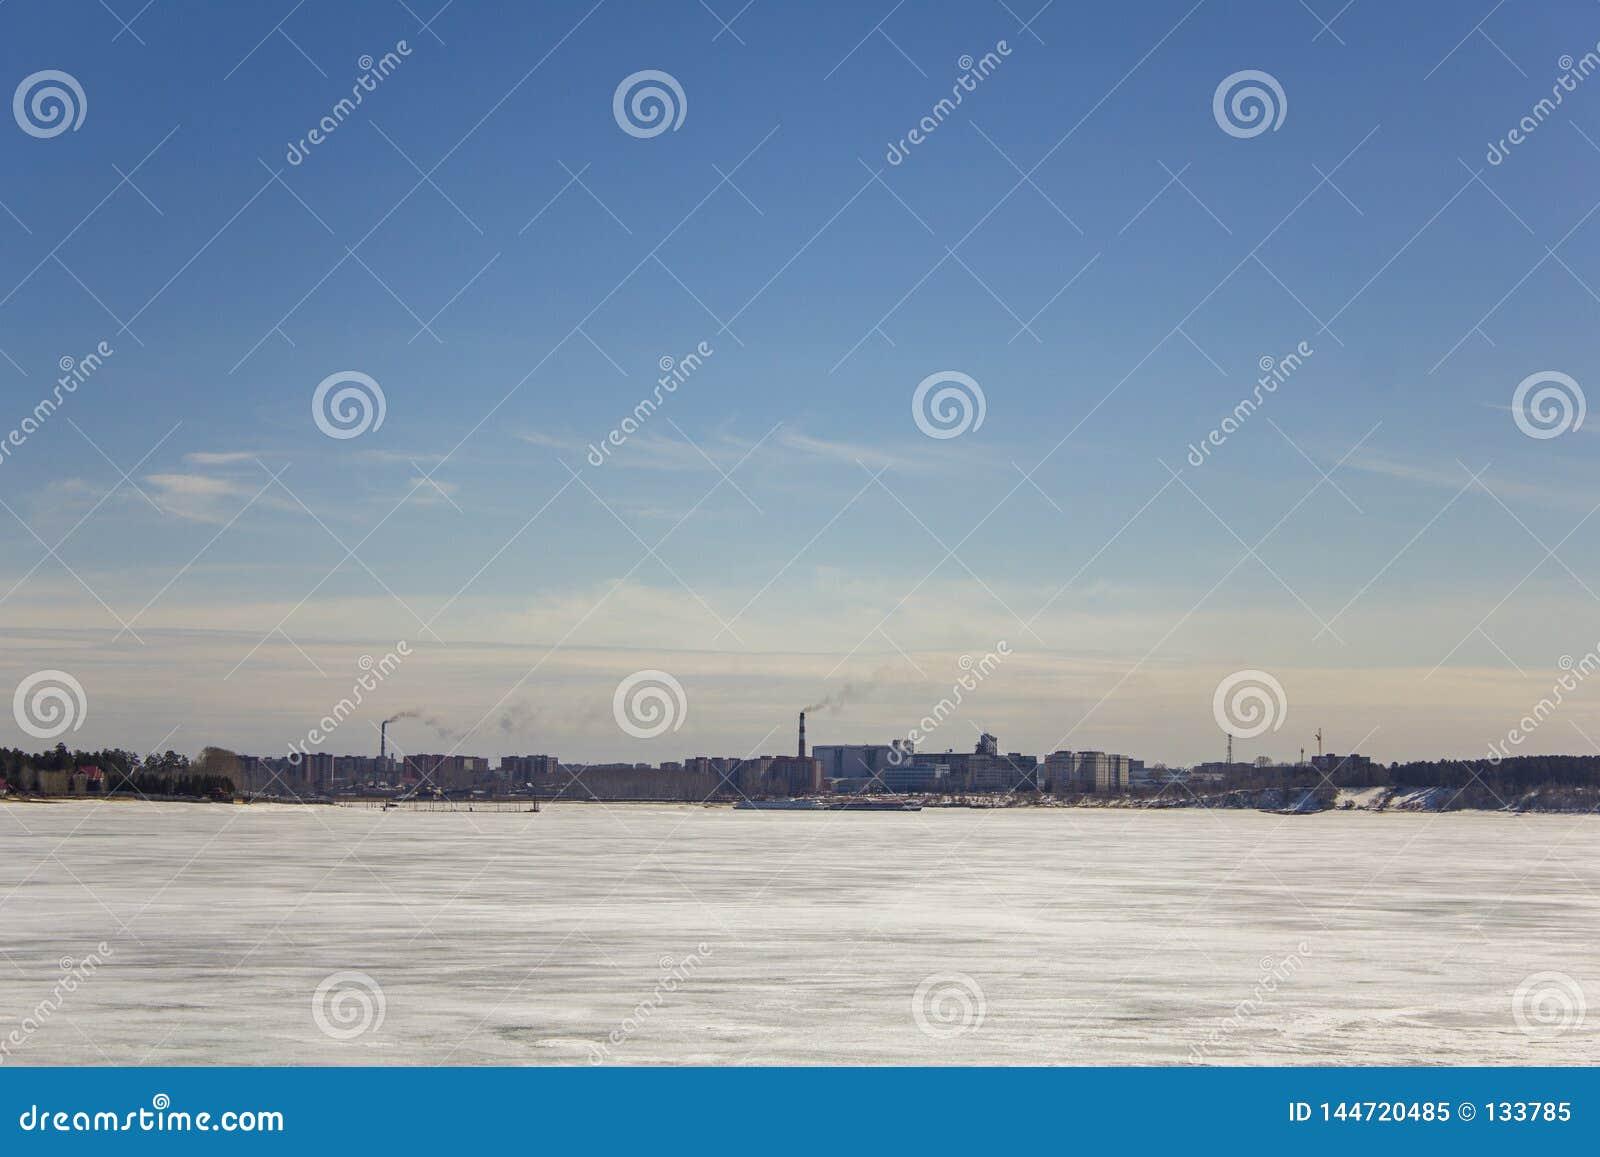 Lago bianco congelato della neve sui precedenti della città con i grattacieli ed i tubi enormi di fumo sotto un chiaro cielo blu